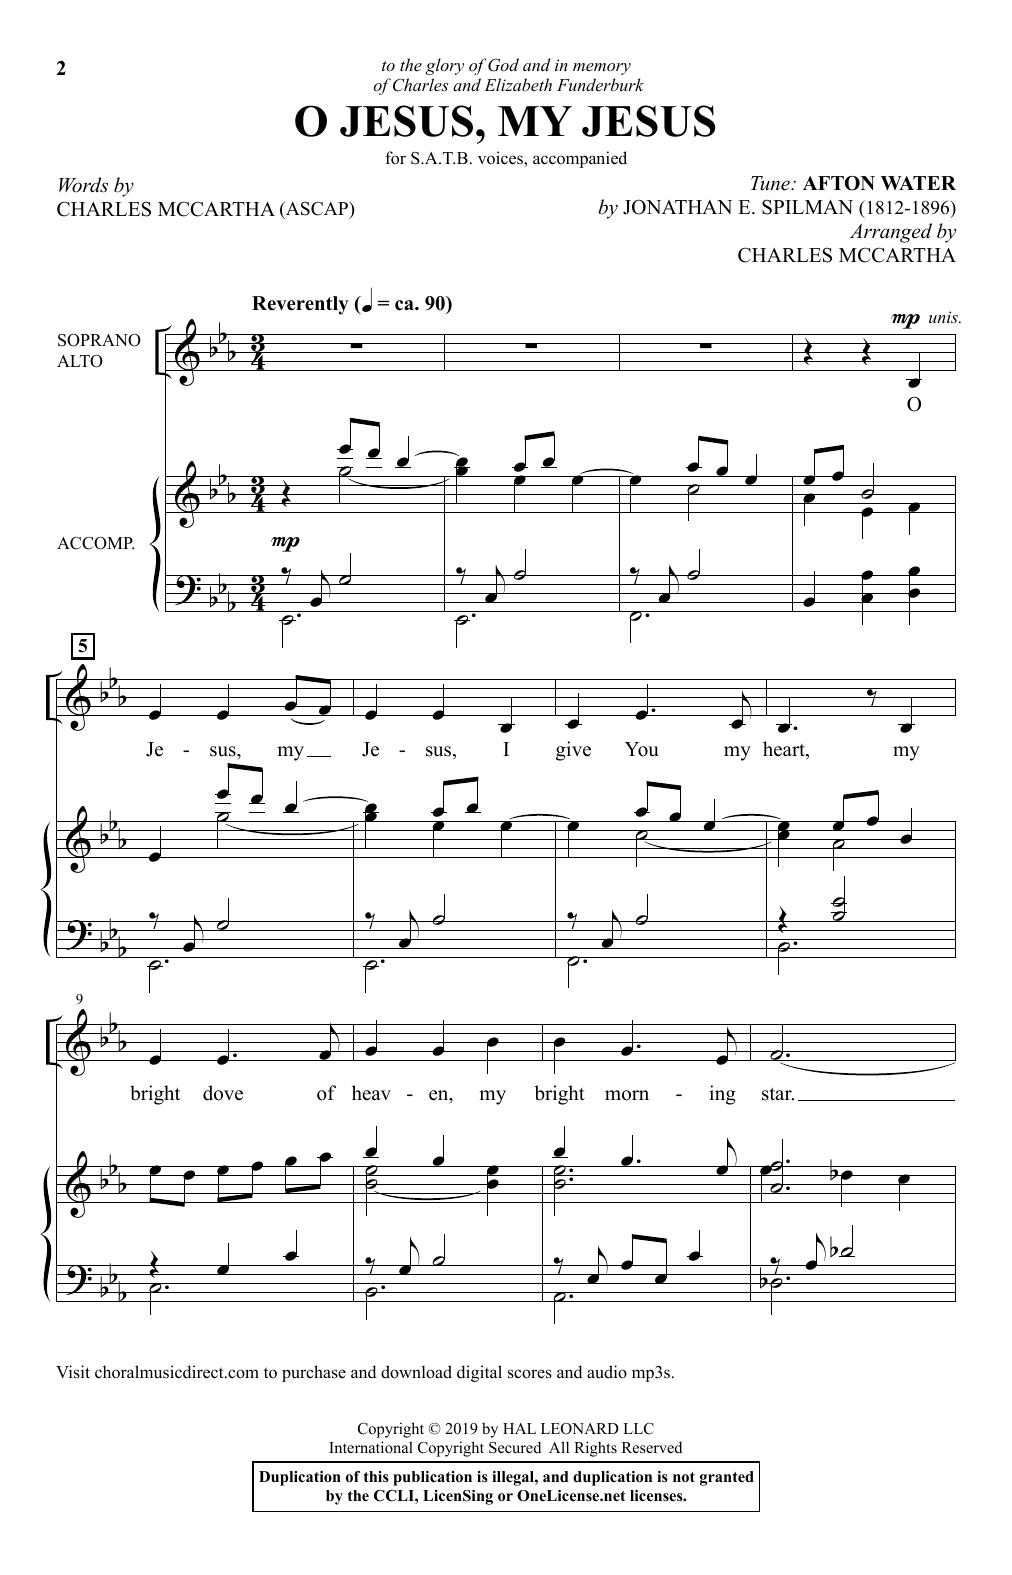 O Jesus, My Jesus (SATB Choir)